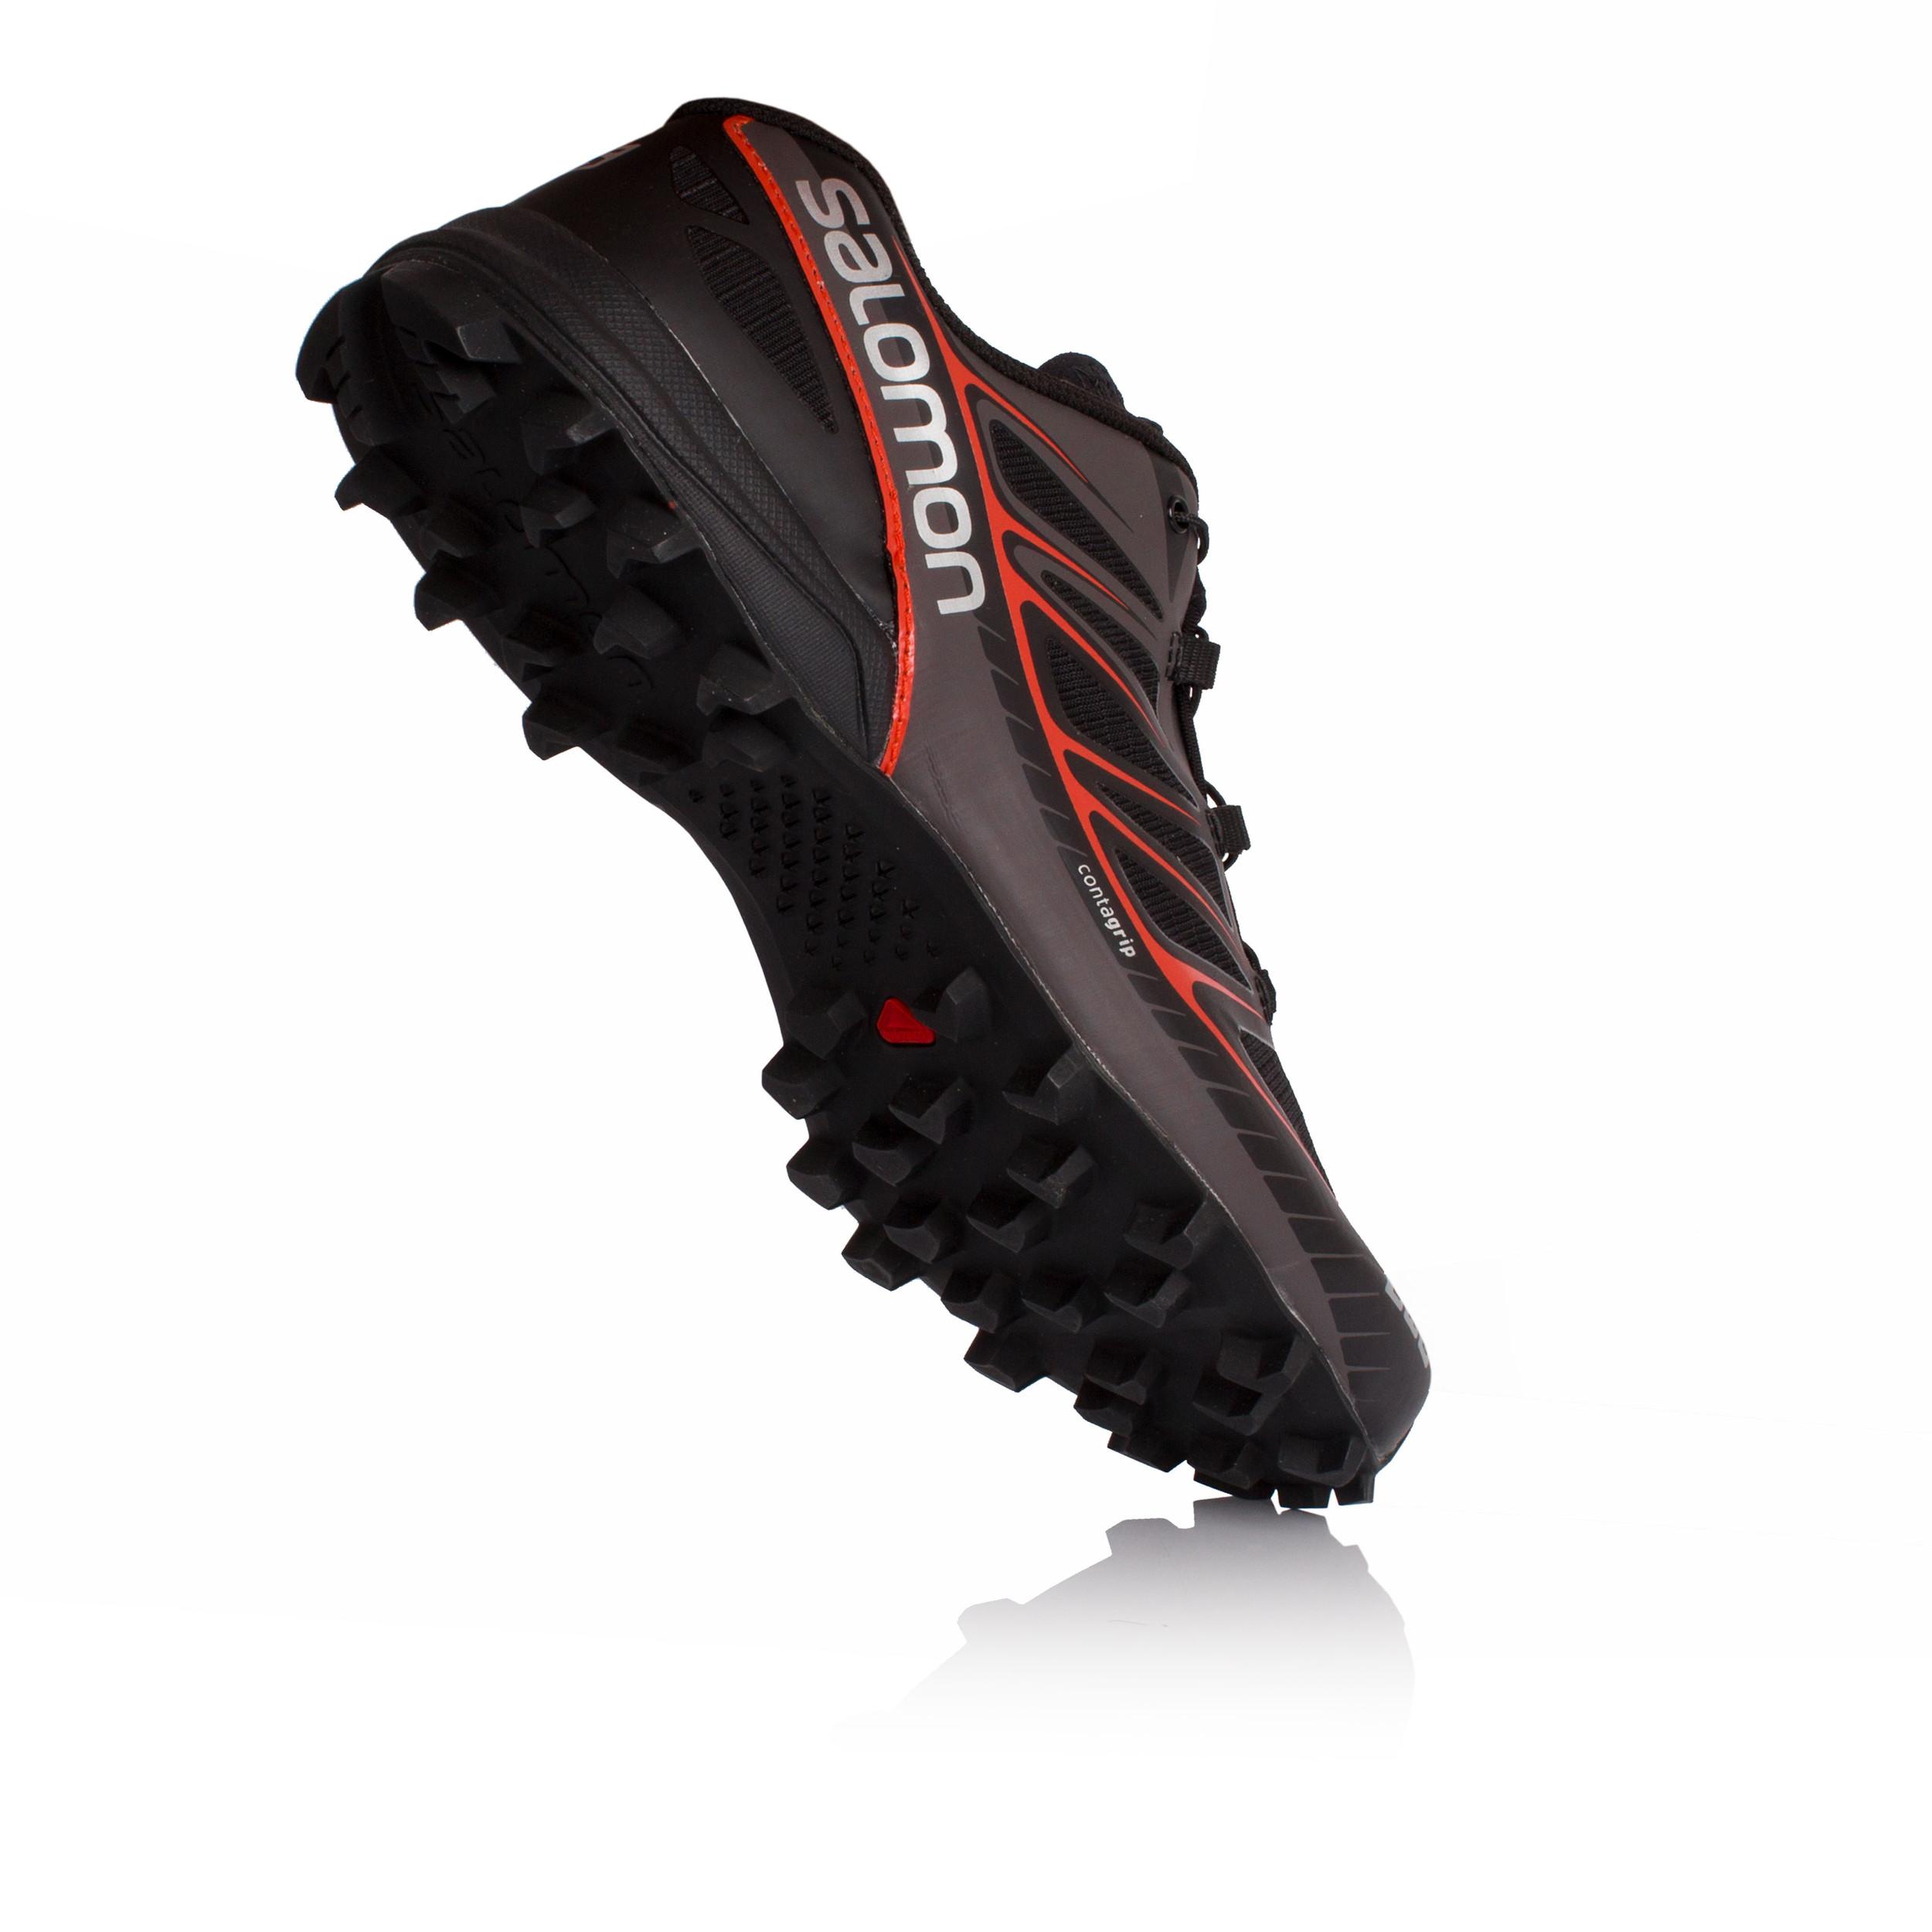 Salomon S-Lab vitesse Homme Noir Sensifit Trail Running Baskets Baskets Baskets Chaussures de sport | Magnifique  a28d14